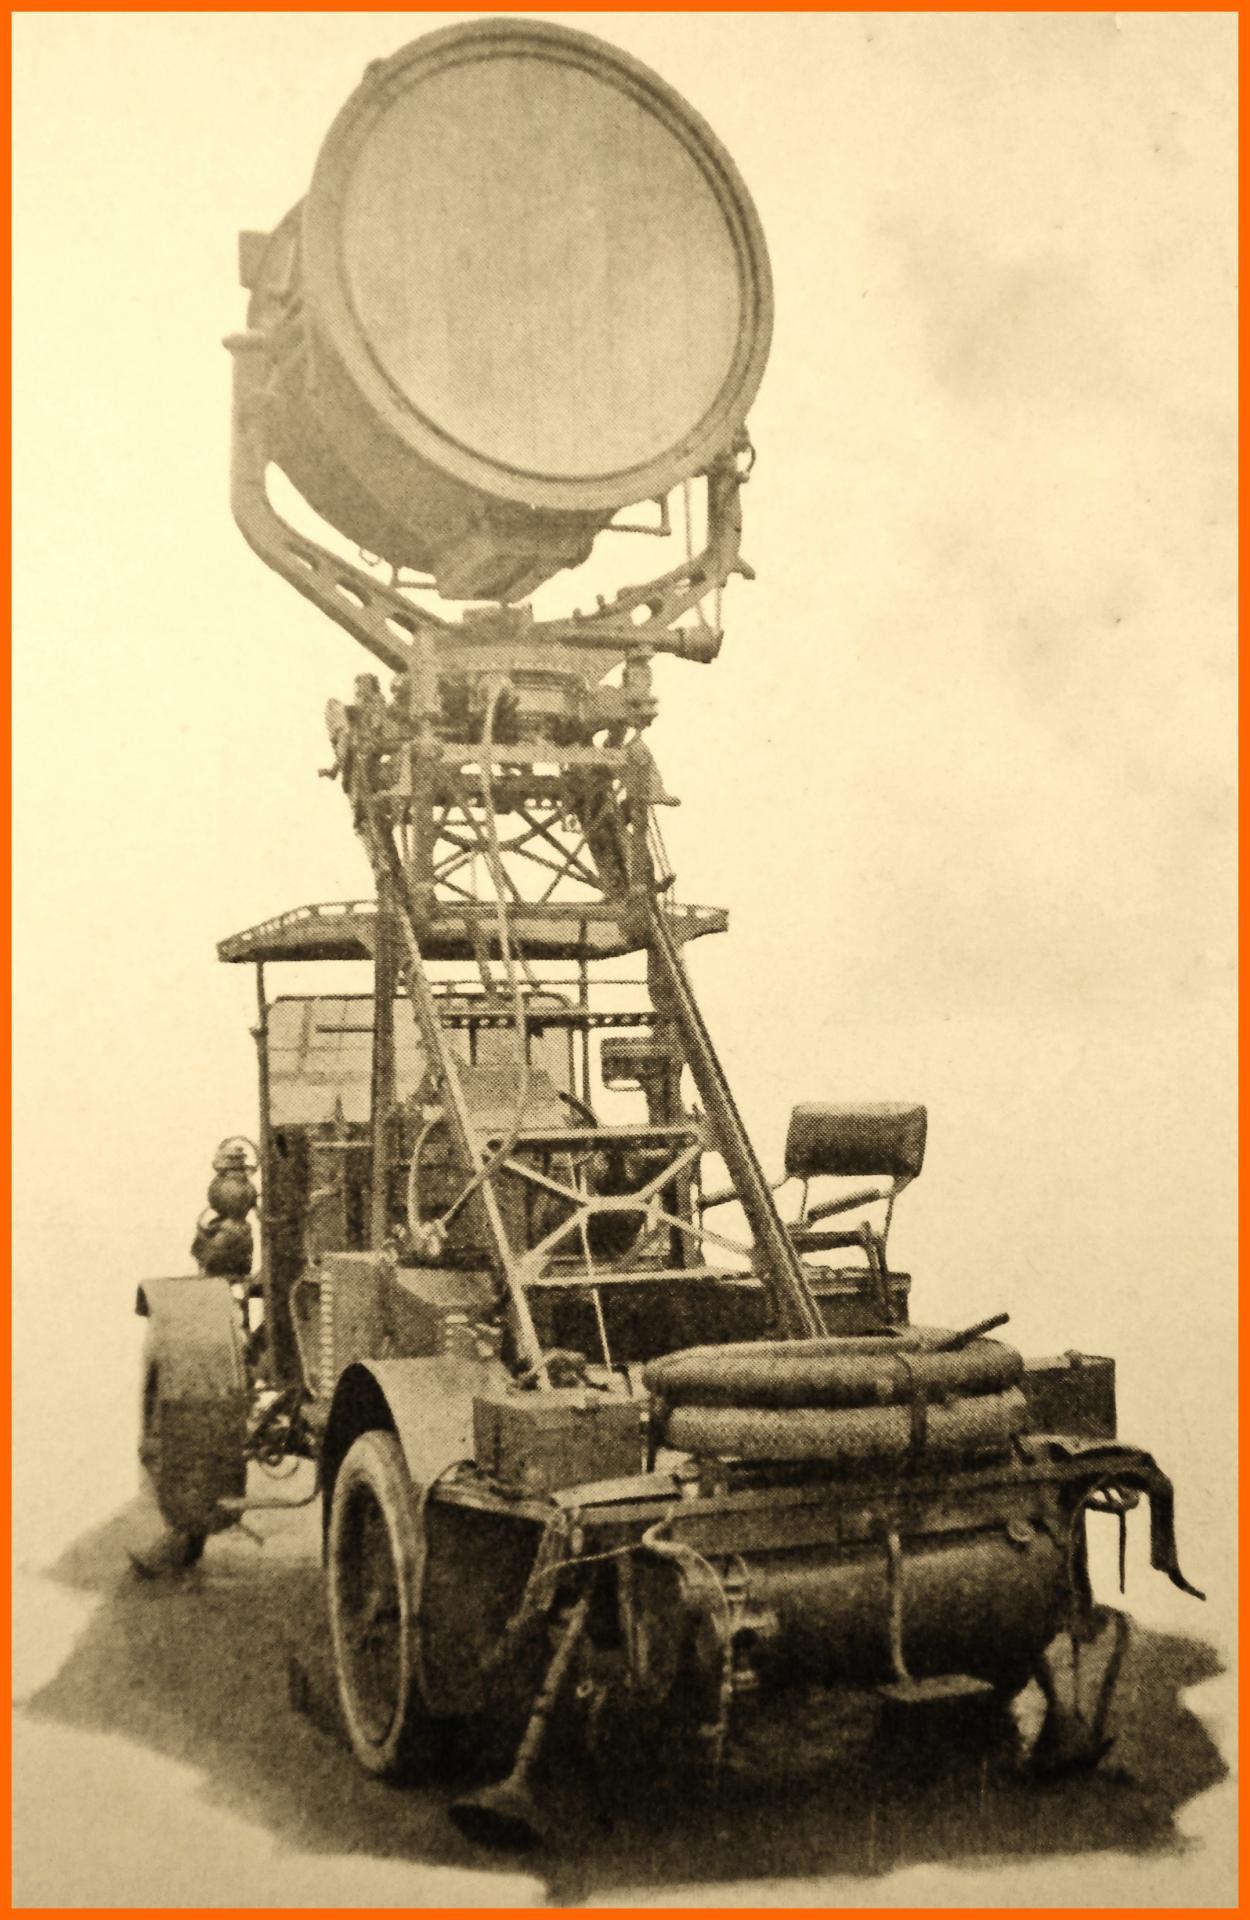 Calais 14 18 projecteur automobile du bastion vi en service de 1917 a 1918 encadre